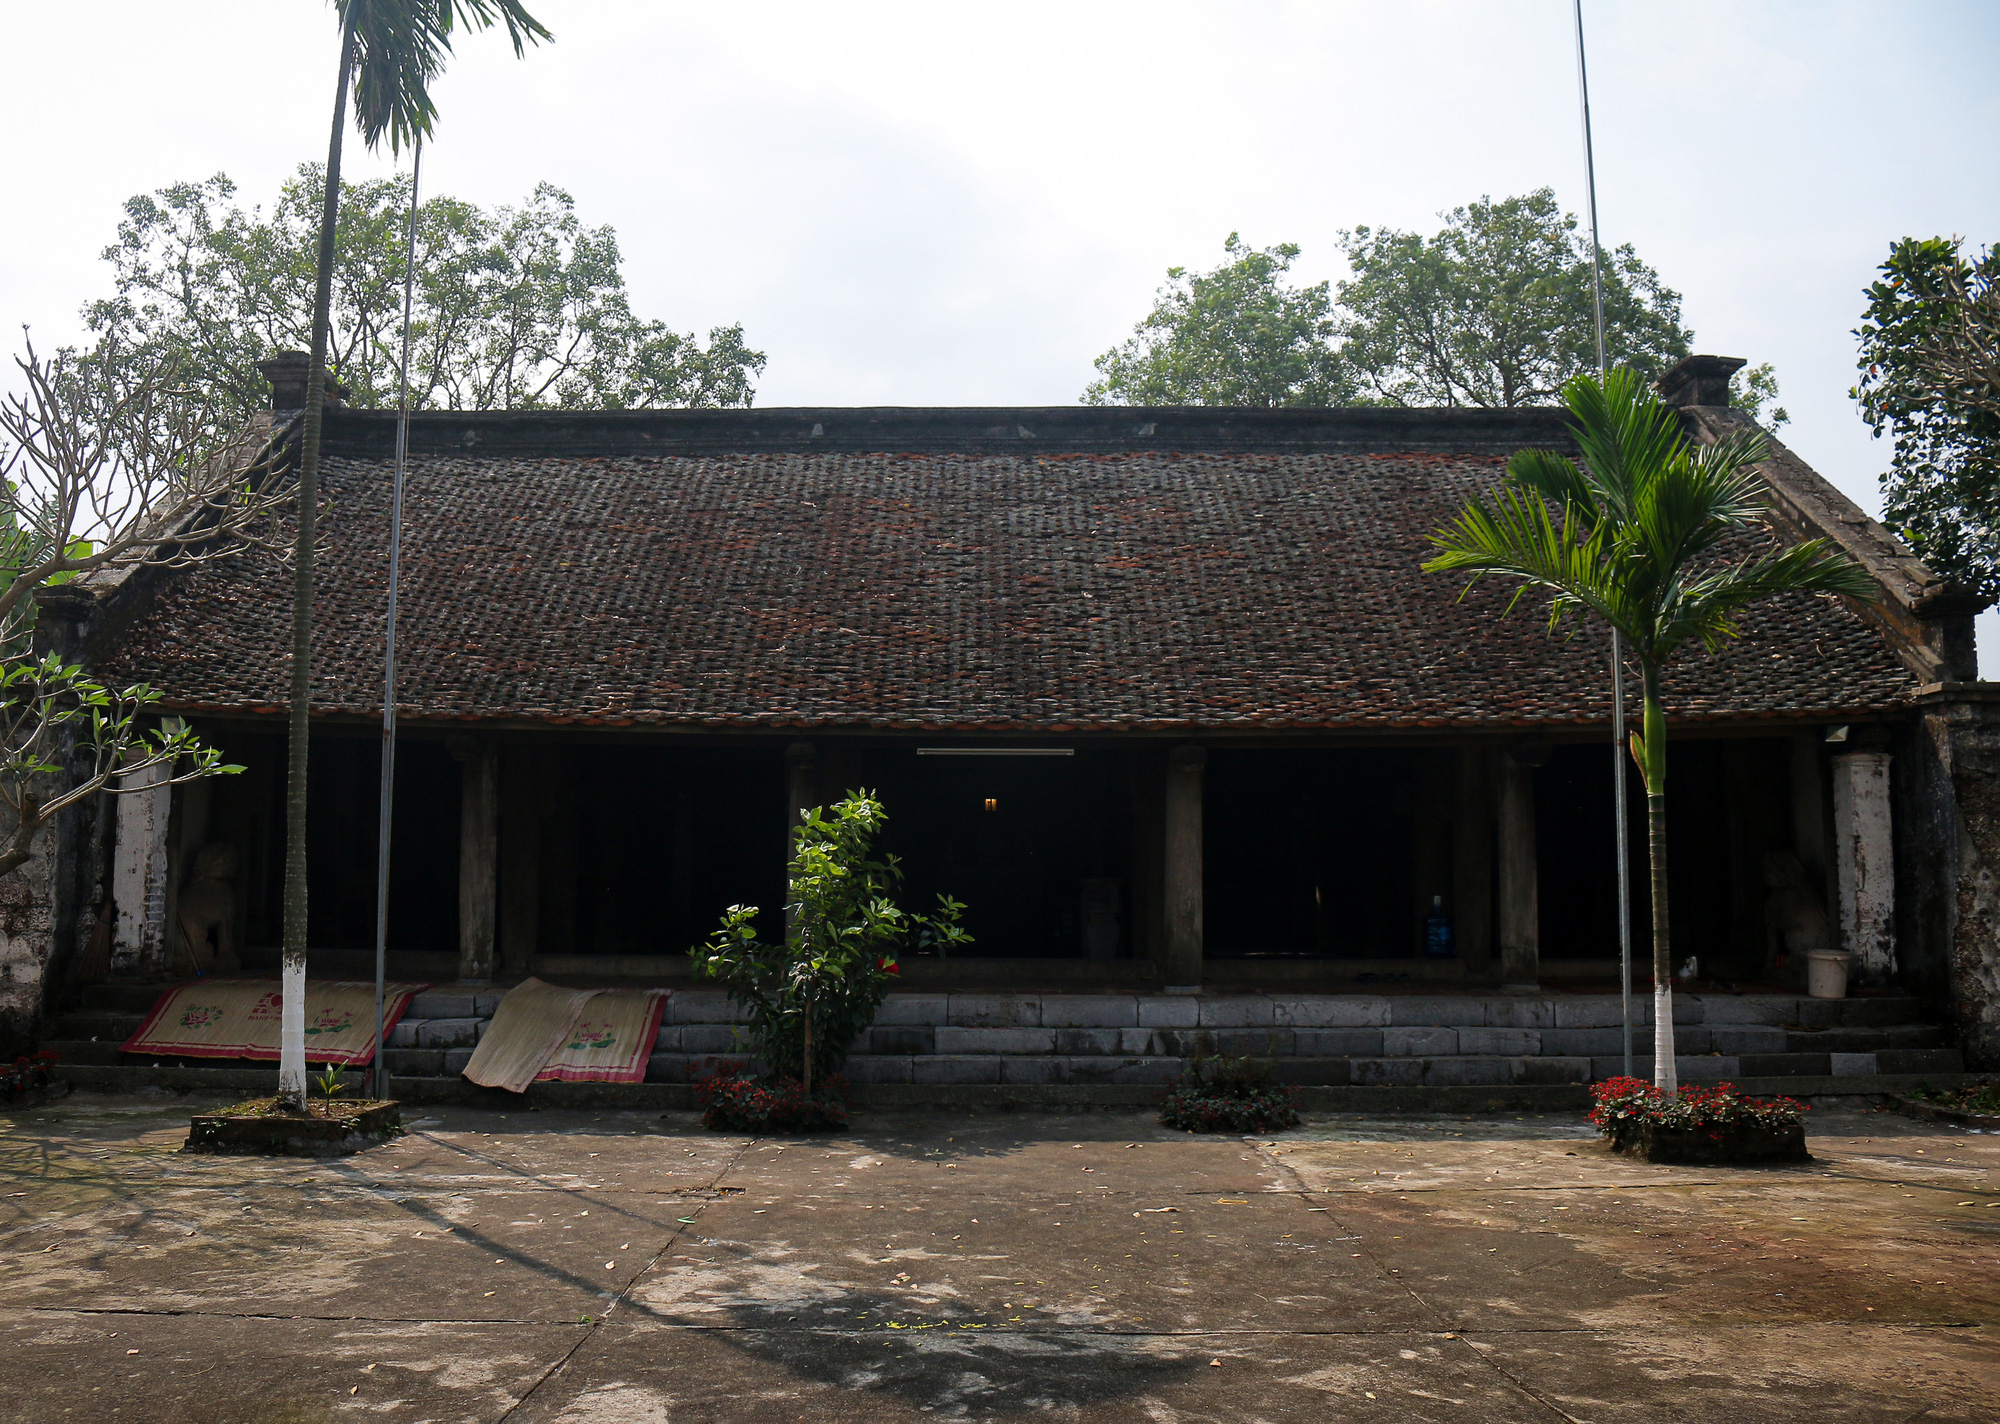 Đền đá Phú Đa: Nét kiến trúc độc đáo tồn tại hơn 300 năm lịch sử - Ảnh 3.